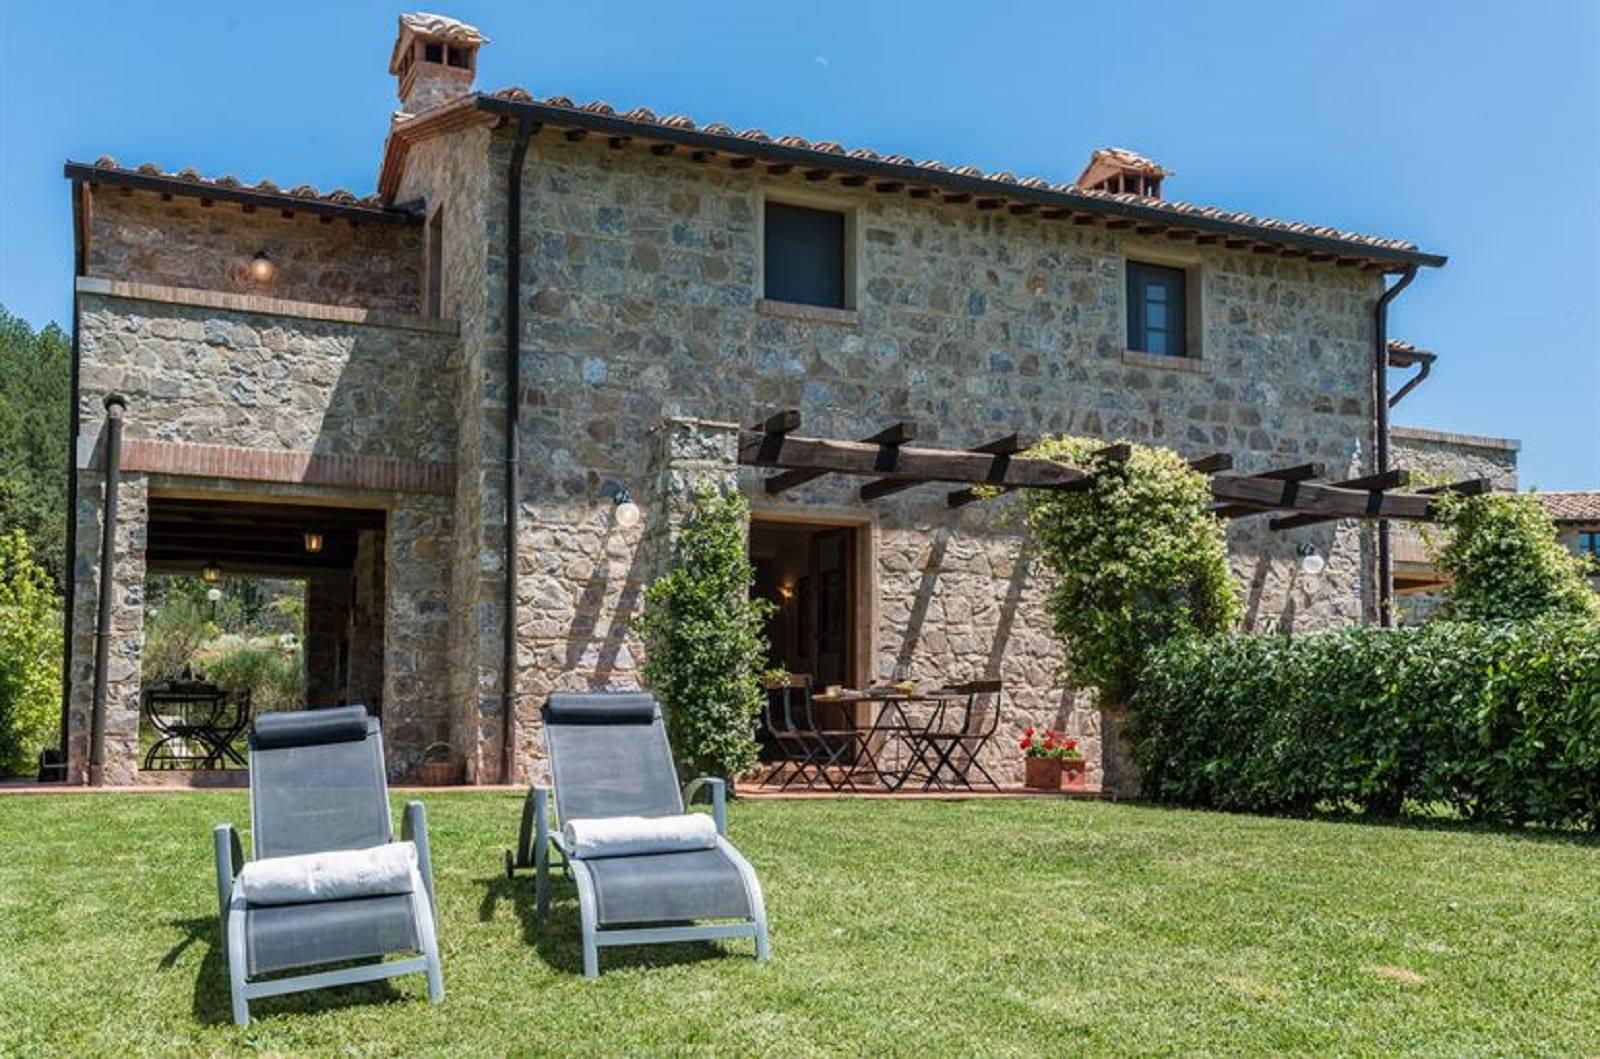 Rustico / Casale in affitto a Roccalbegna, 3 locali, zona Zona: Triana, prezzo € 4.380 | CambioCasa.it